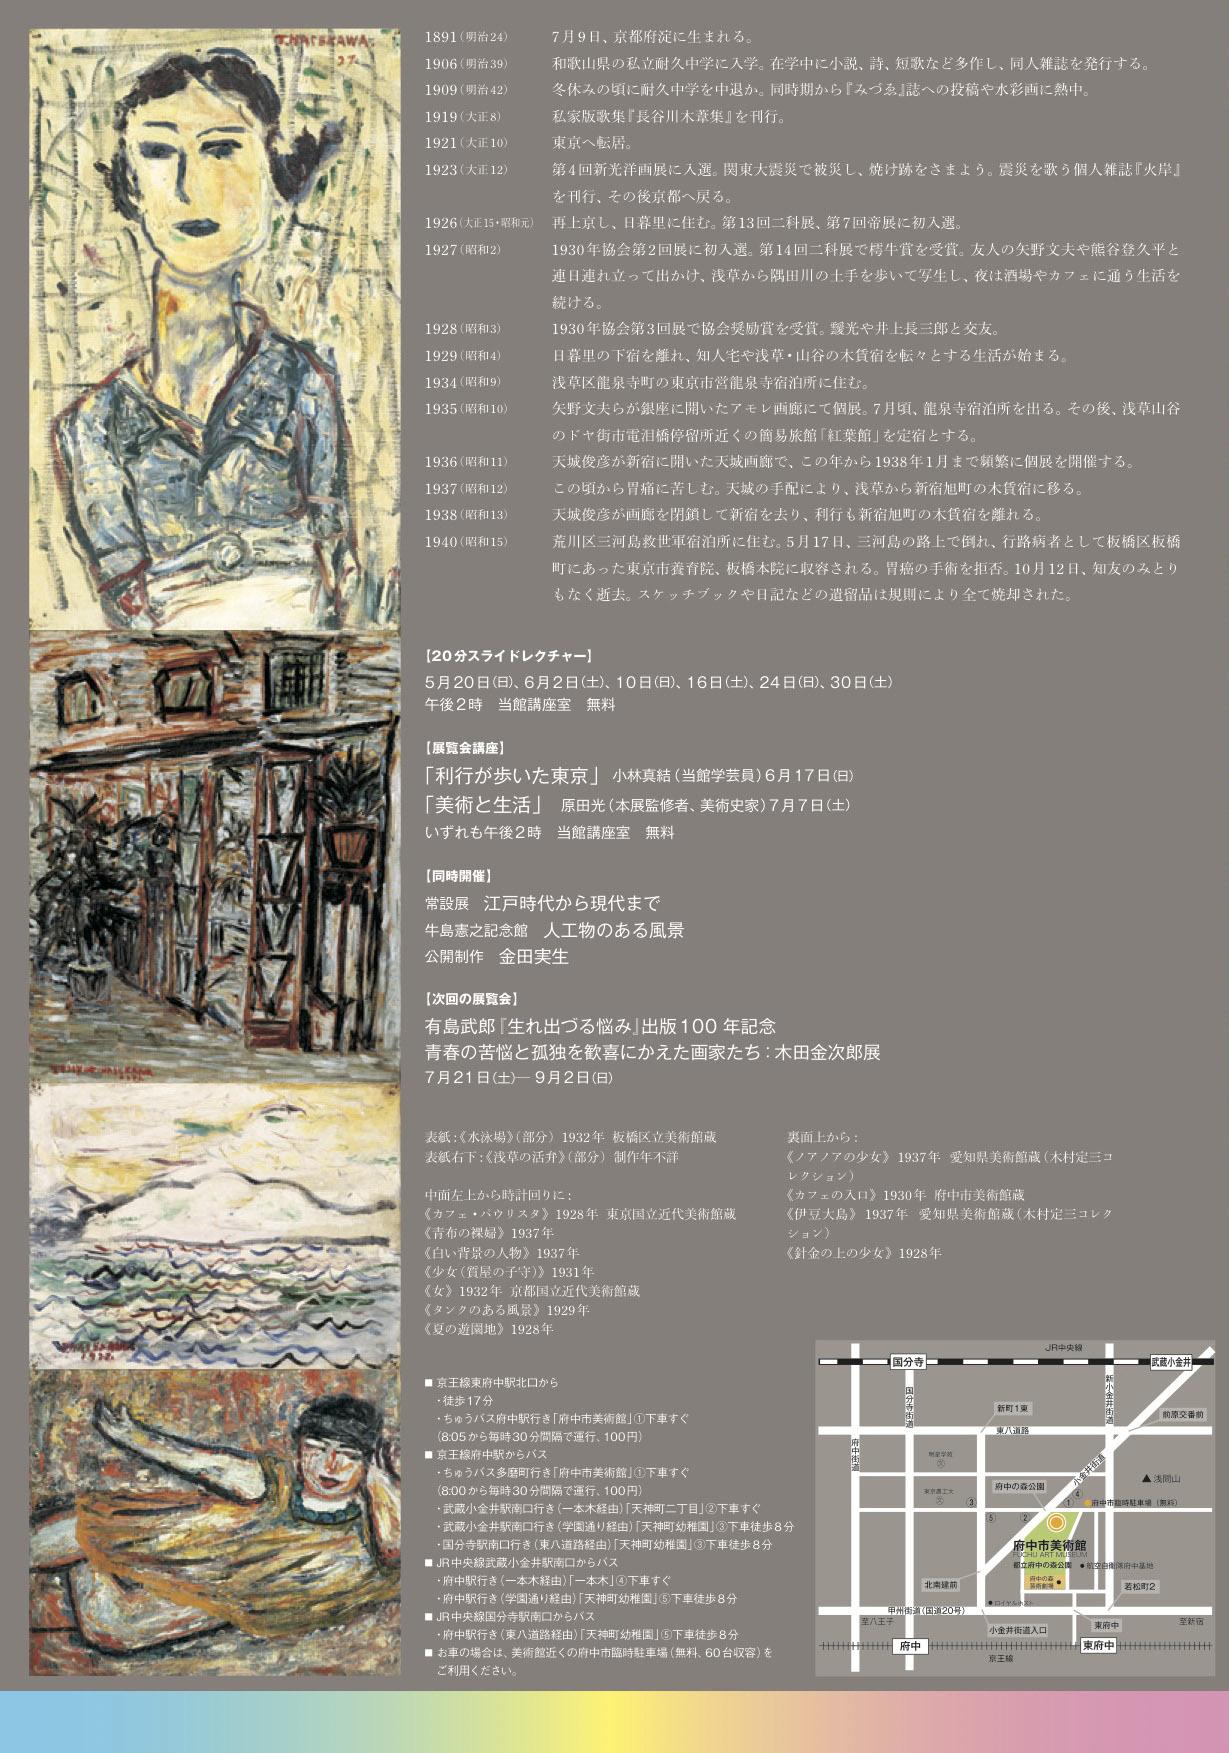 長谷川利行展 府中市美術館 1_e0054299_16163947.jpg